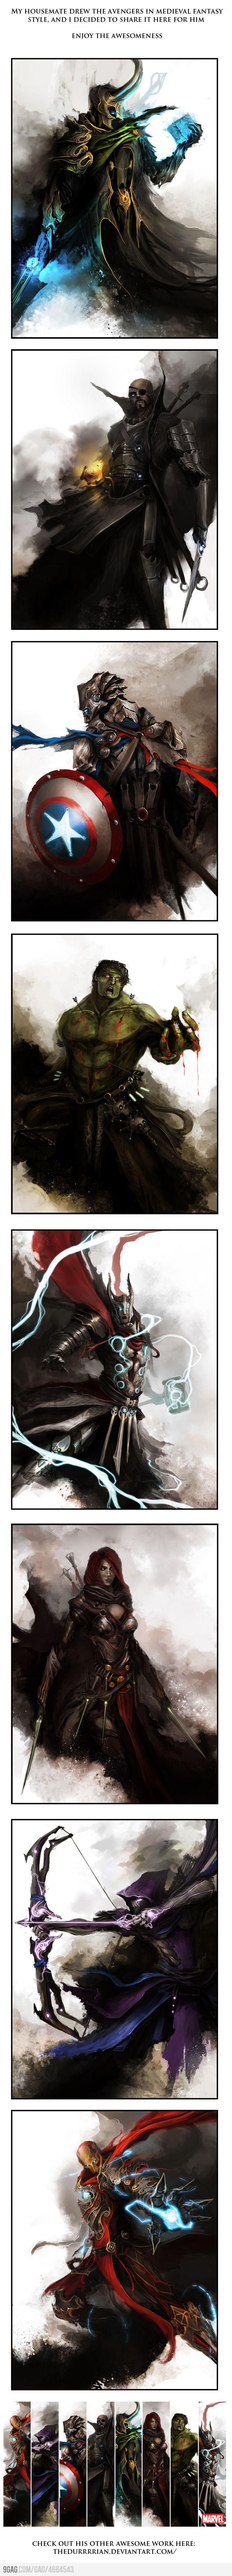 Medieval Style Avengers fan art